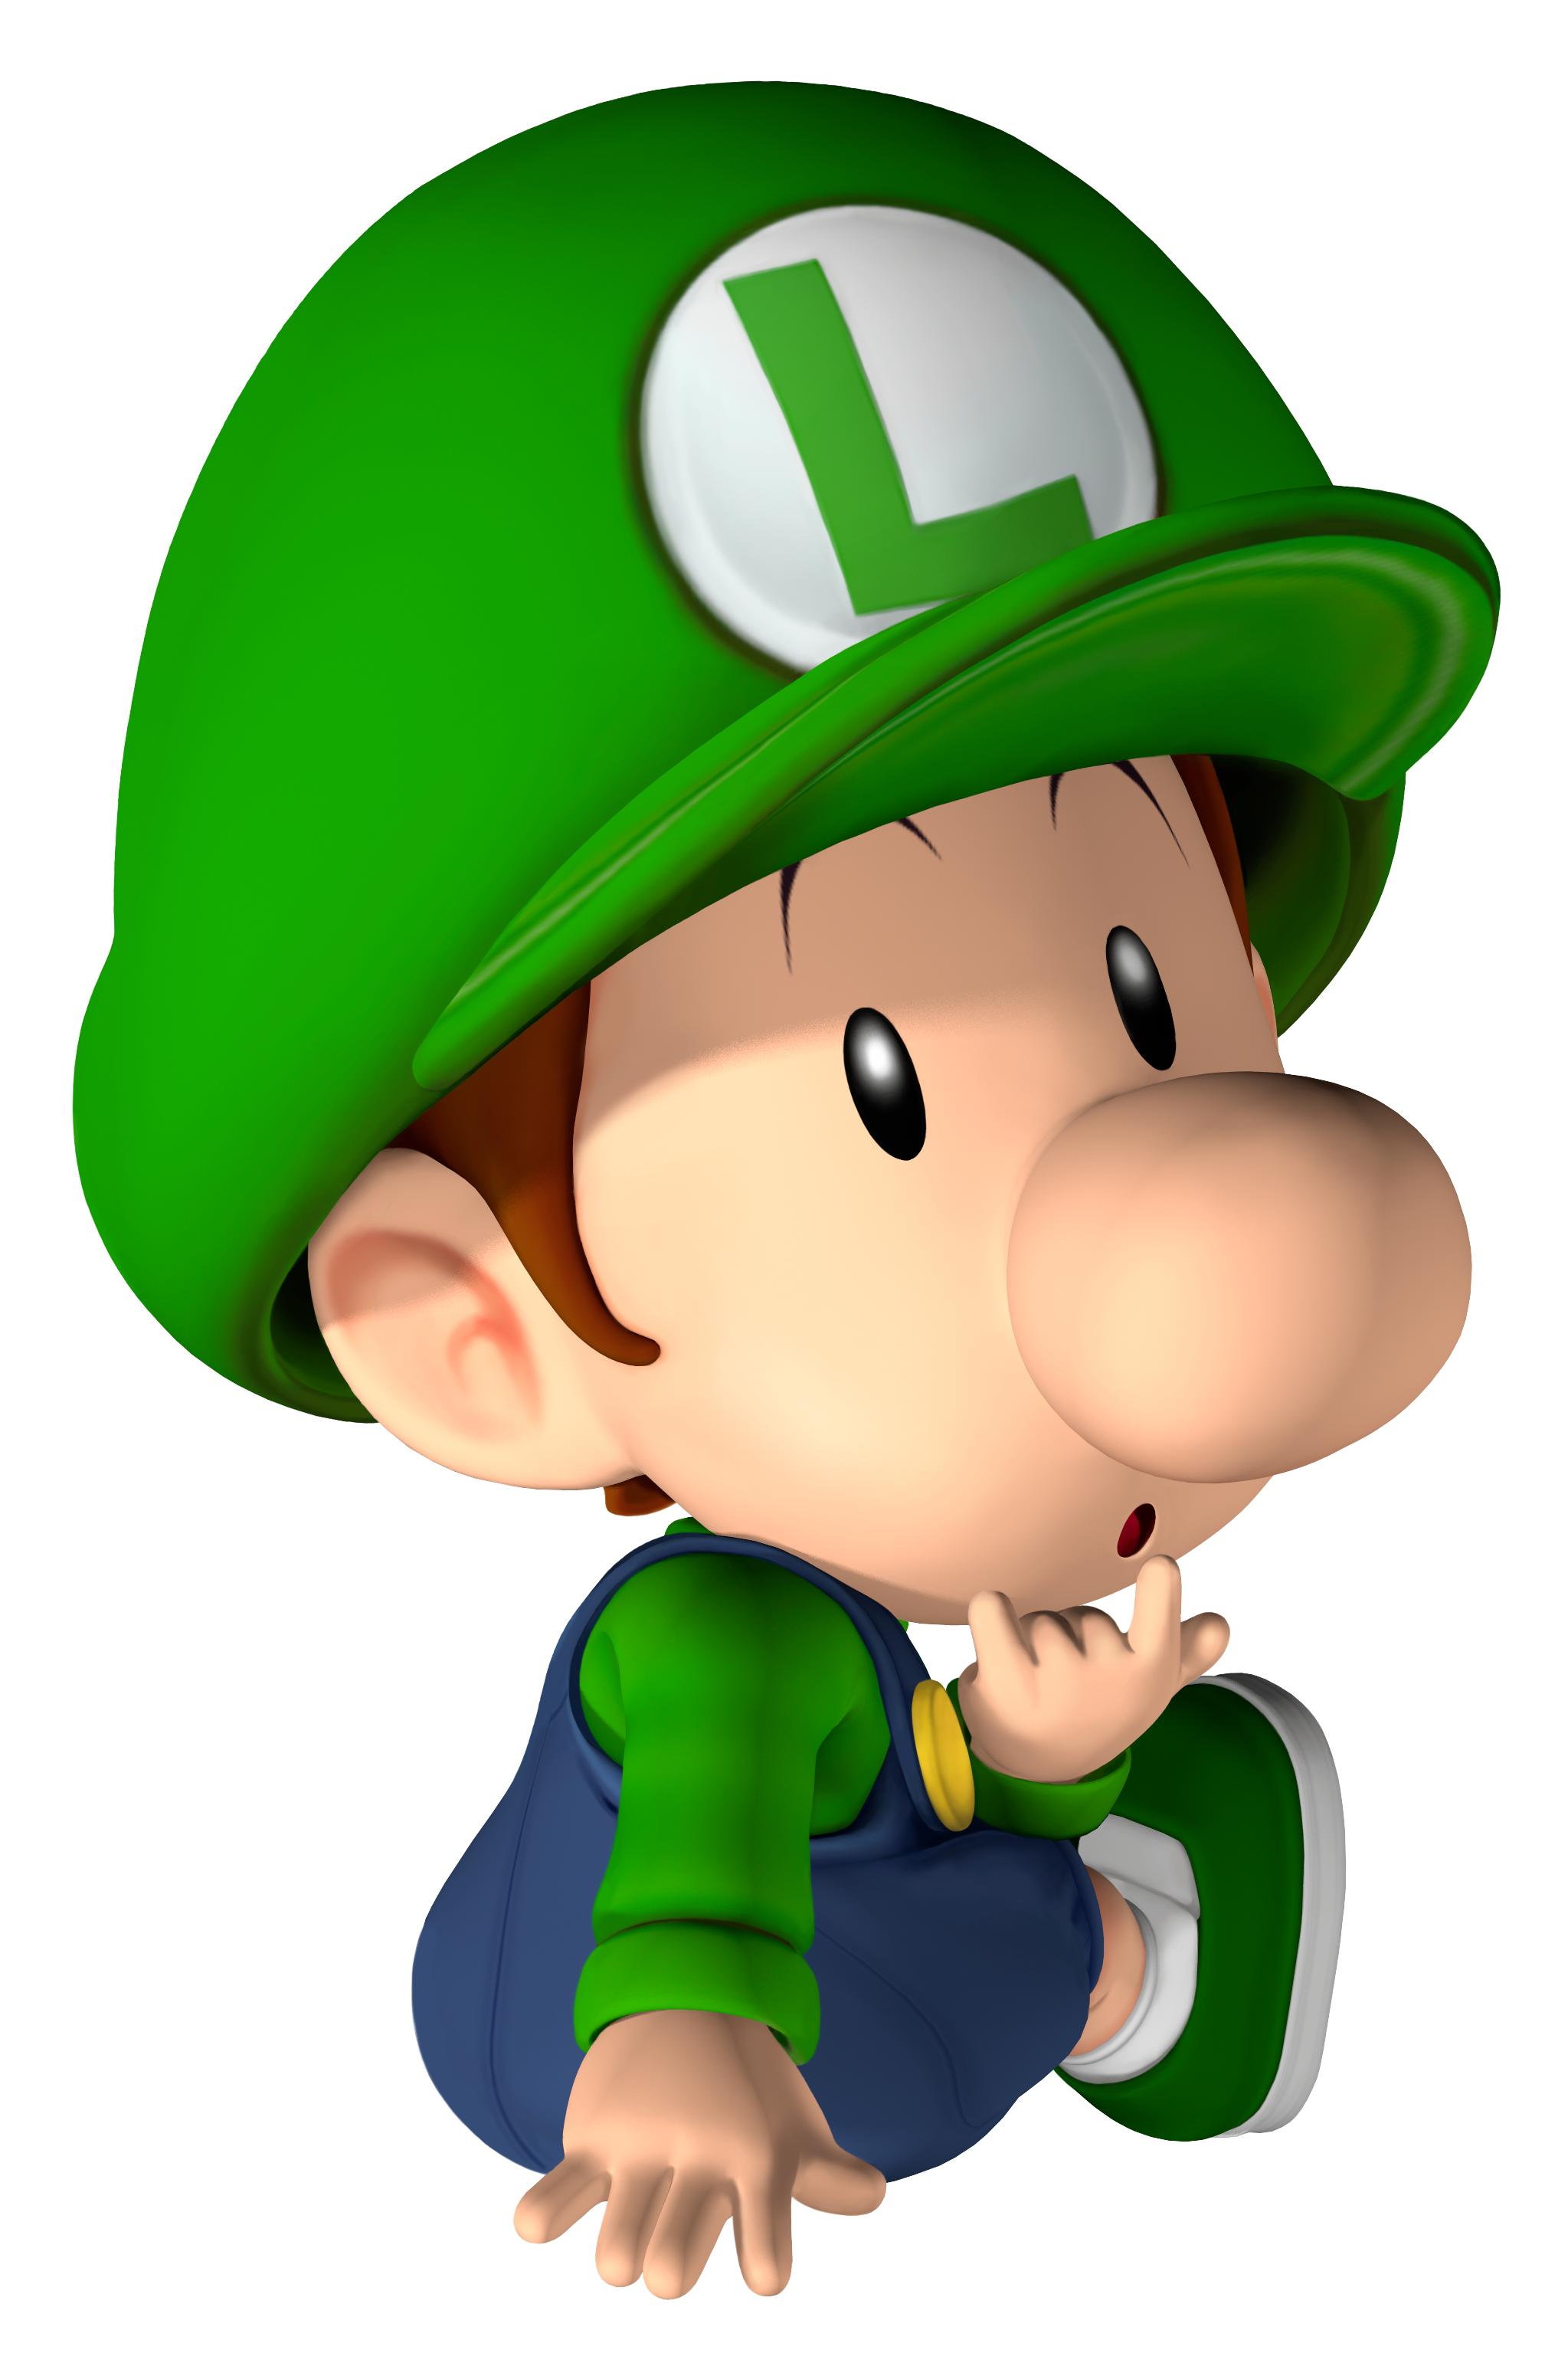 Mario party 3ds fantendo the video game fanon wiki - Luigi mario party ...